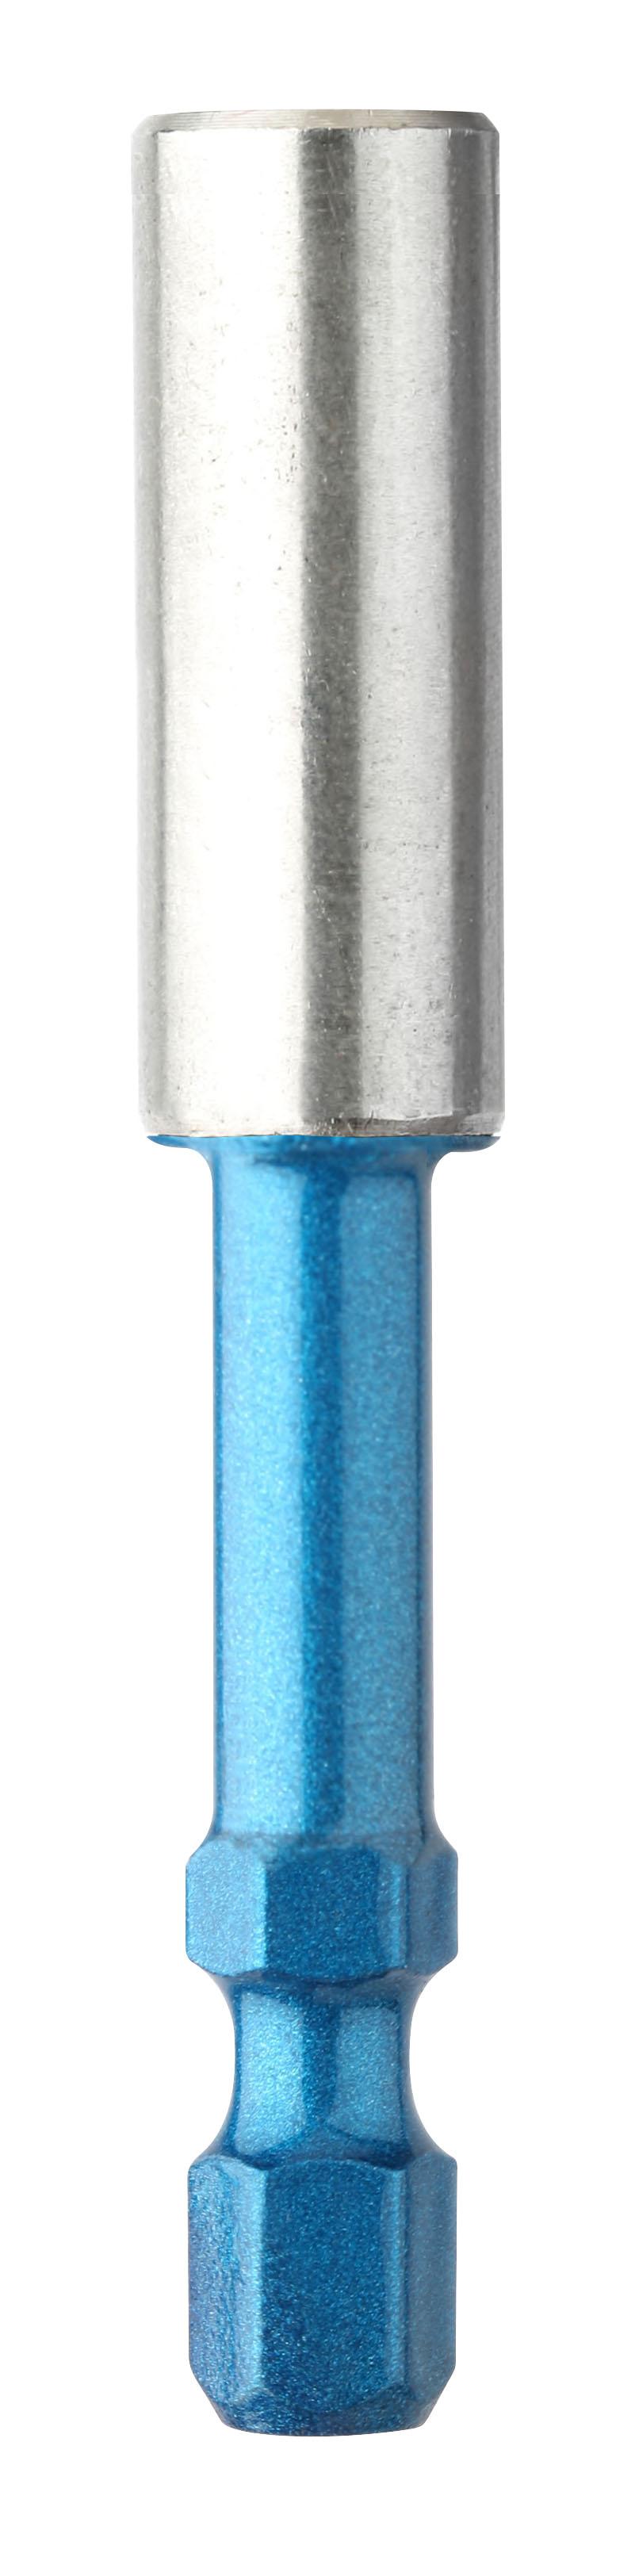 Vissage Porte embout Porte embout Blue-Shock - L60 mm - U621B.jpg